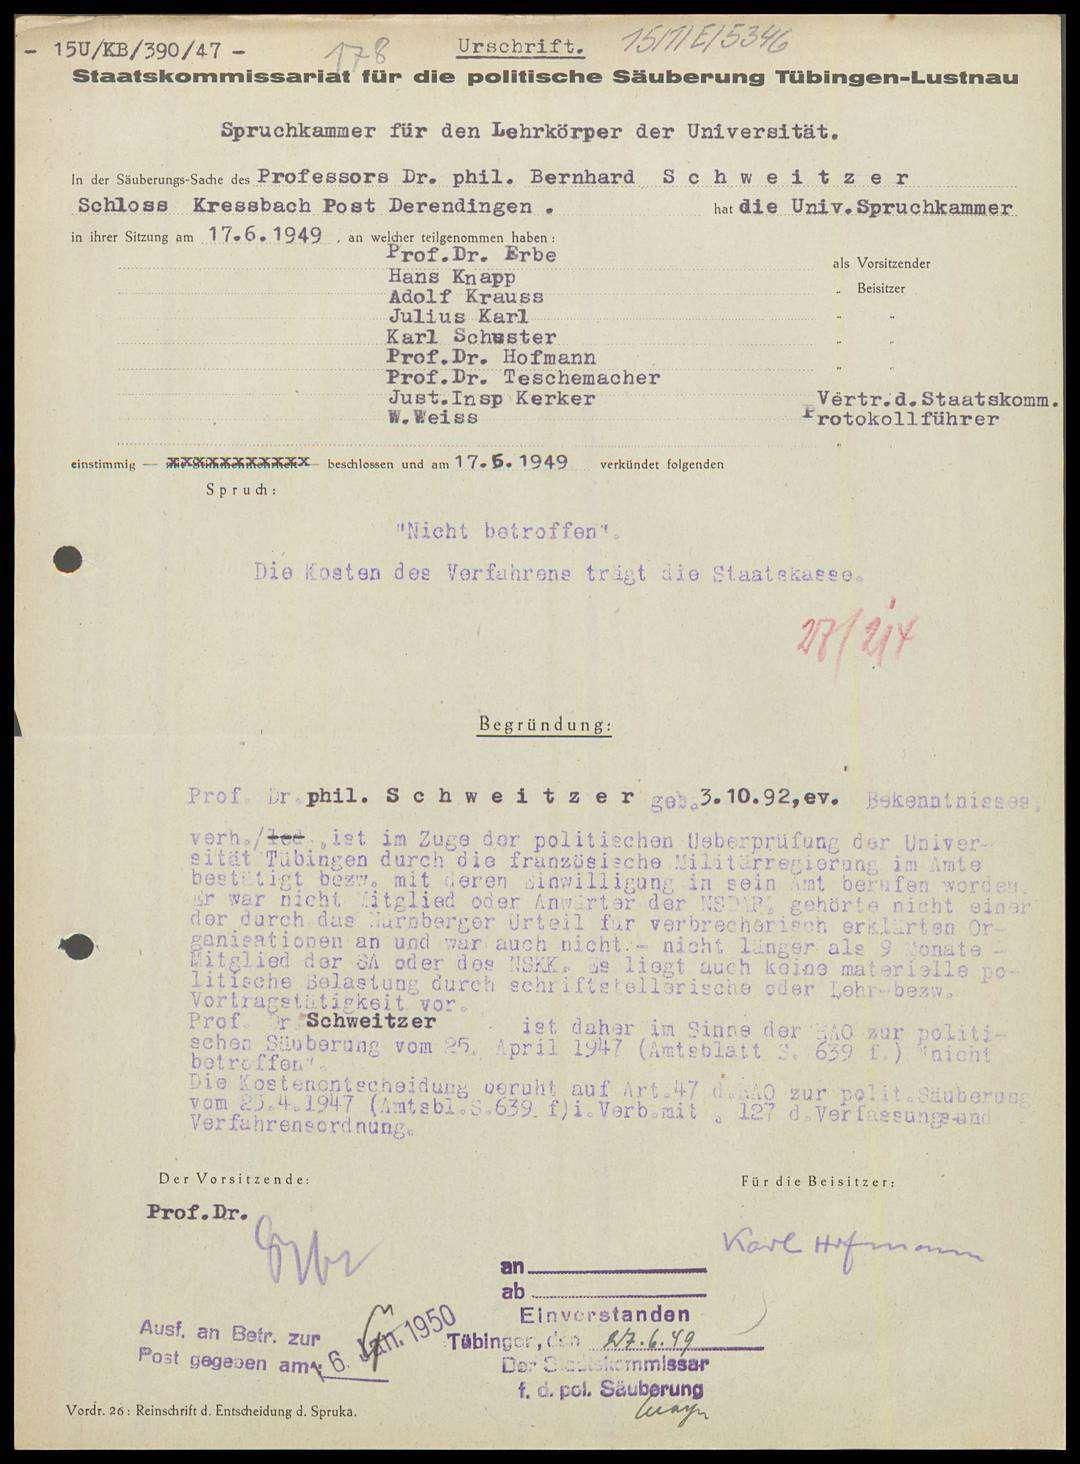 Schweitzer, Bernhard, Prof. Dr. phil., Bild 1